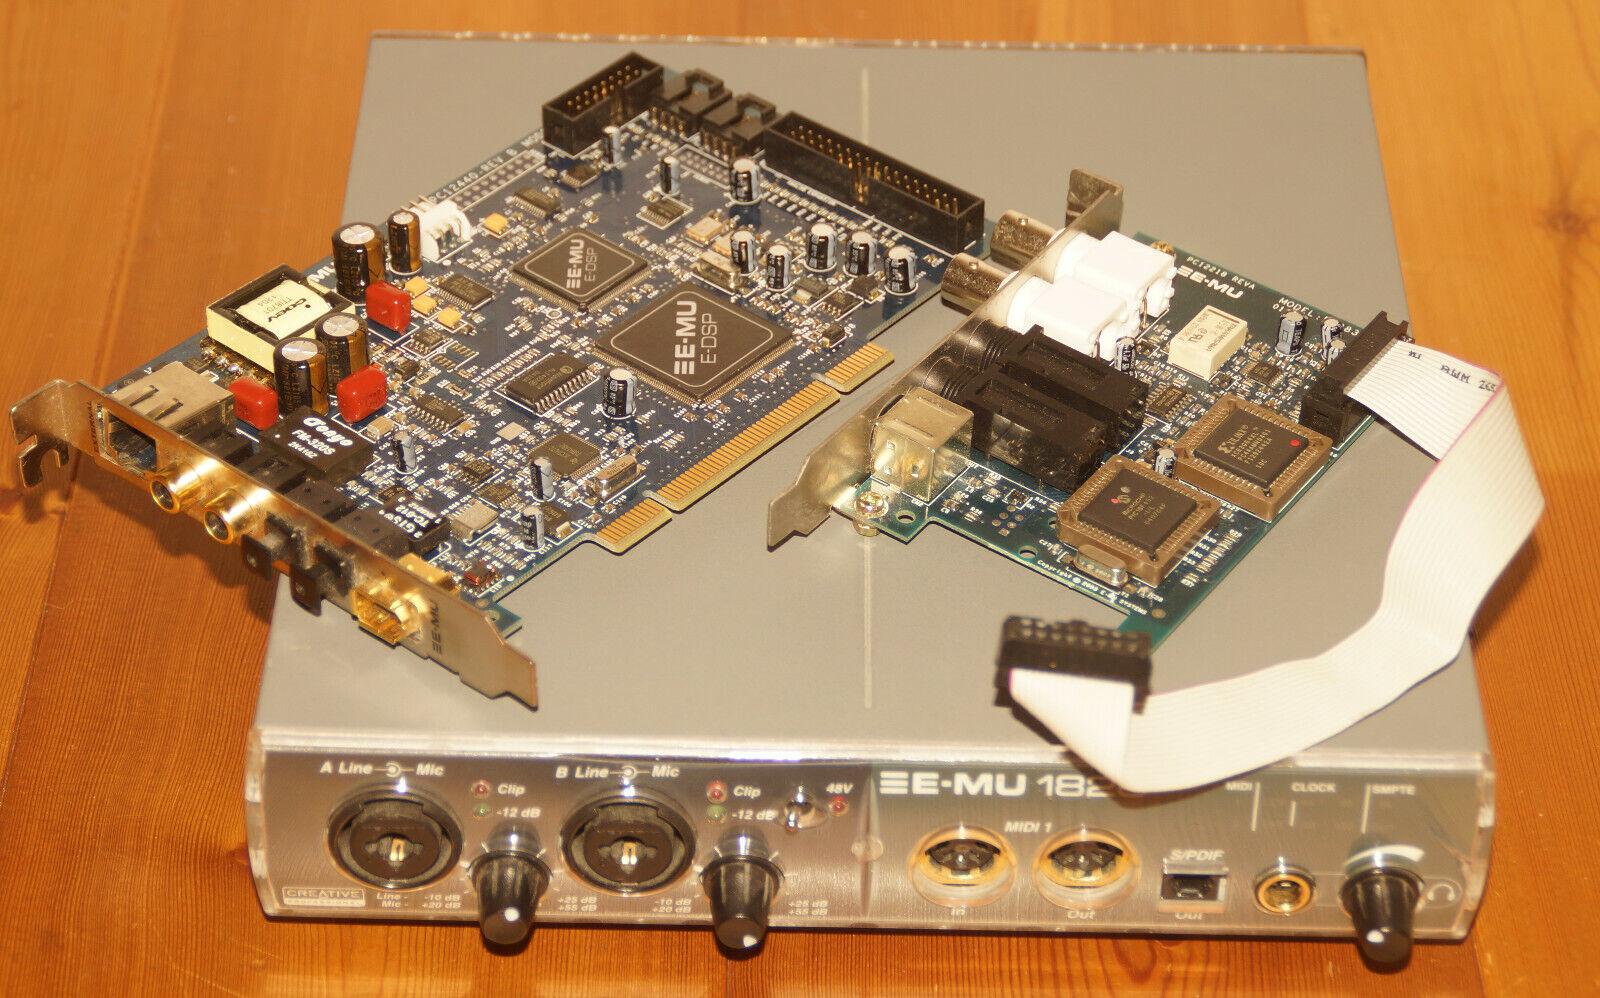 Creative Professional E-mu EMU 1820m Audio Interface Studio System für PC